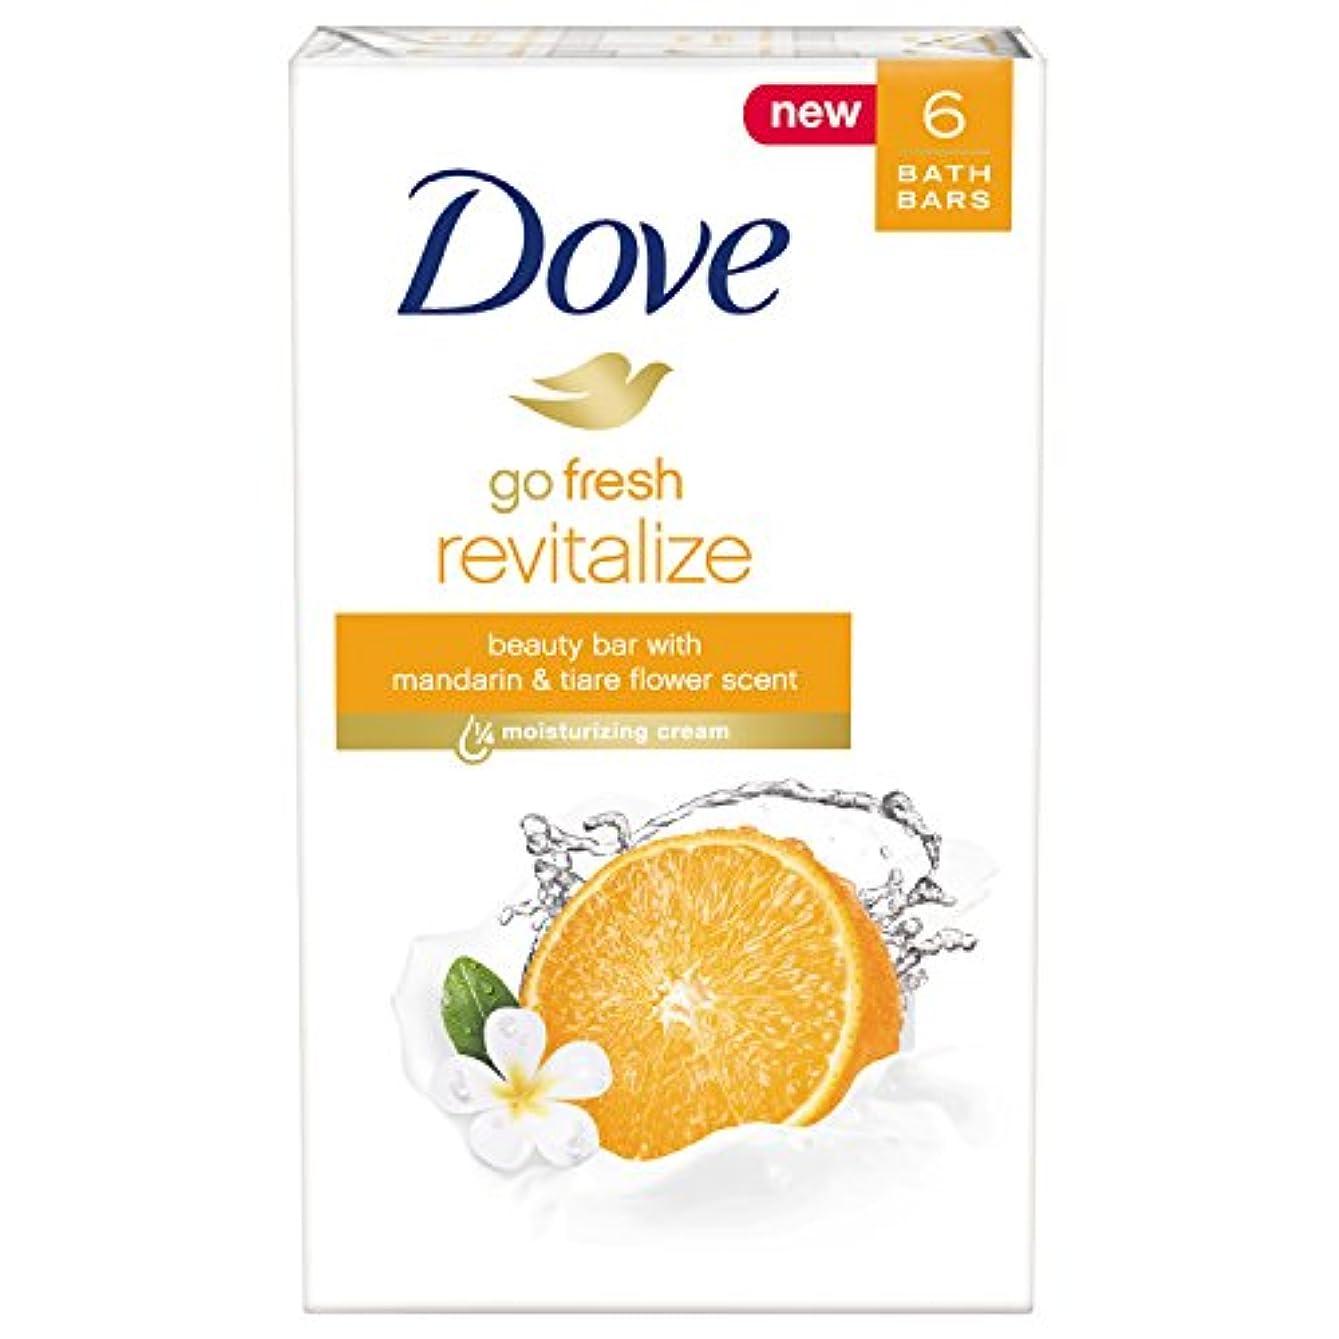 特許偶然の件名Dove 新鮮な美しさバー、マンダリンとティアレフラワー、4オンス、6バーを移動します 6バー 生き返ら マンダリンとティアレフラワー